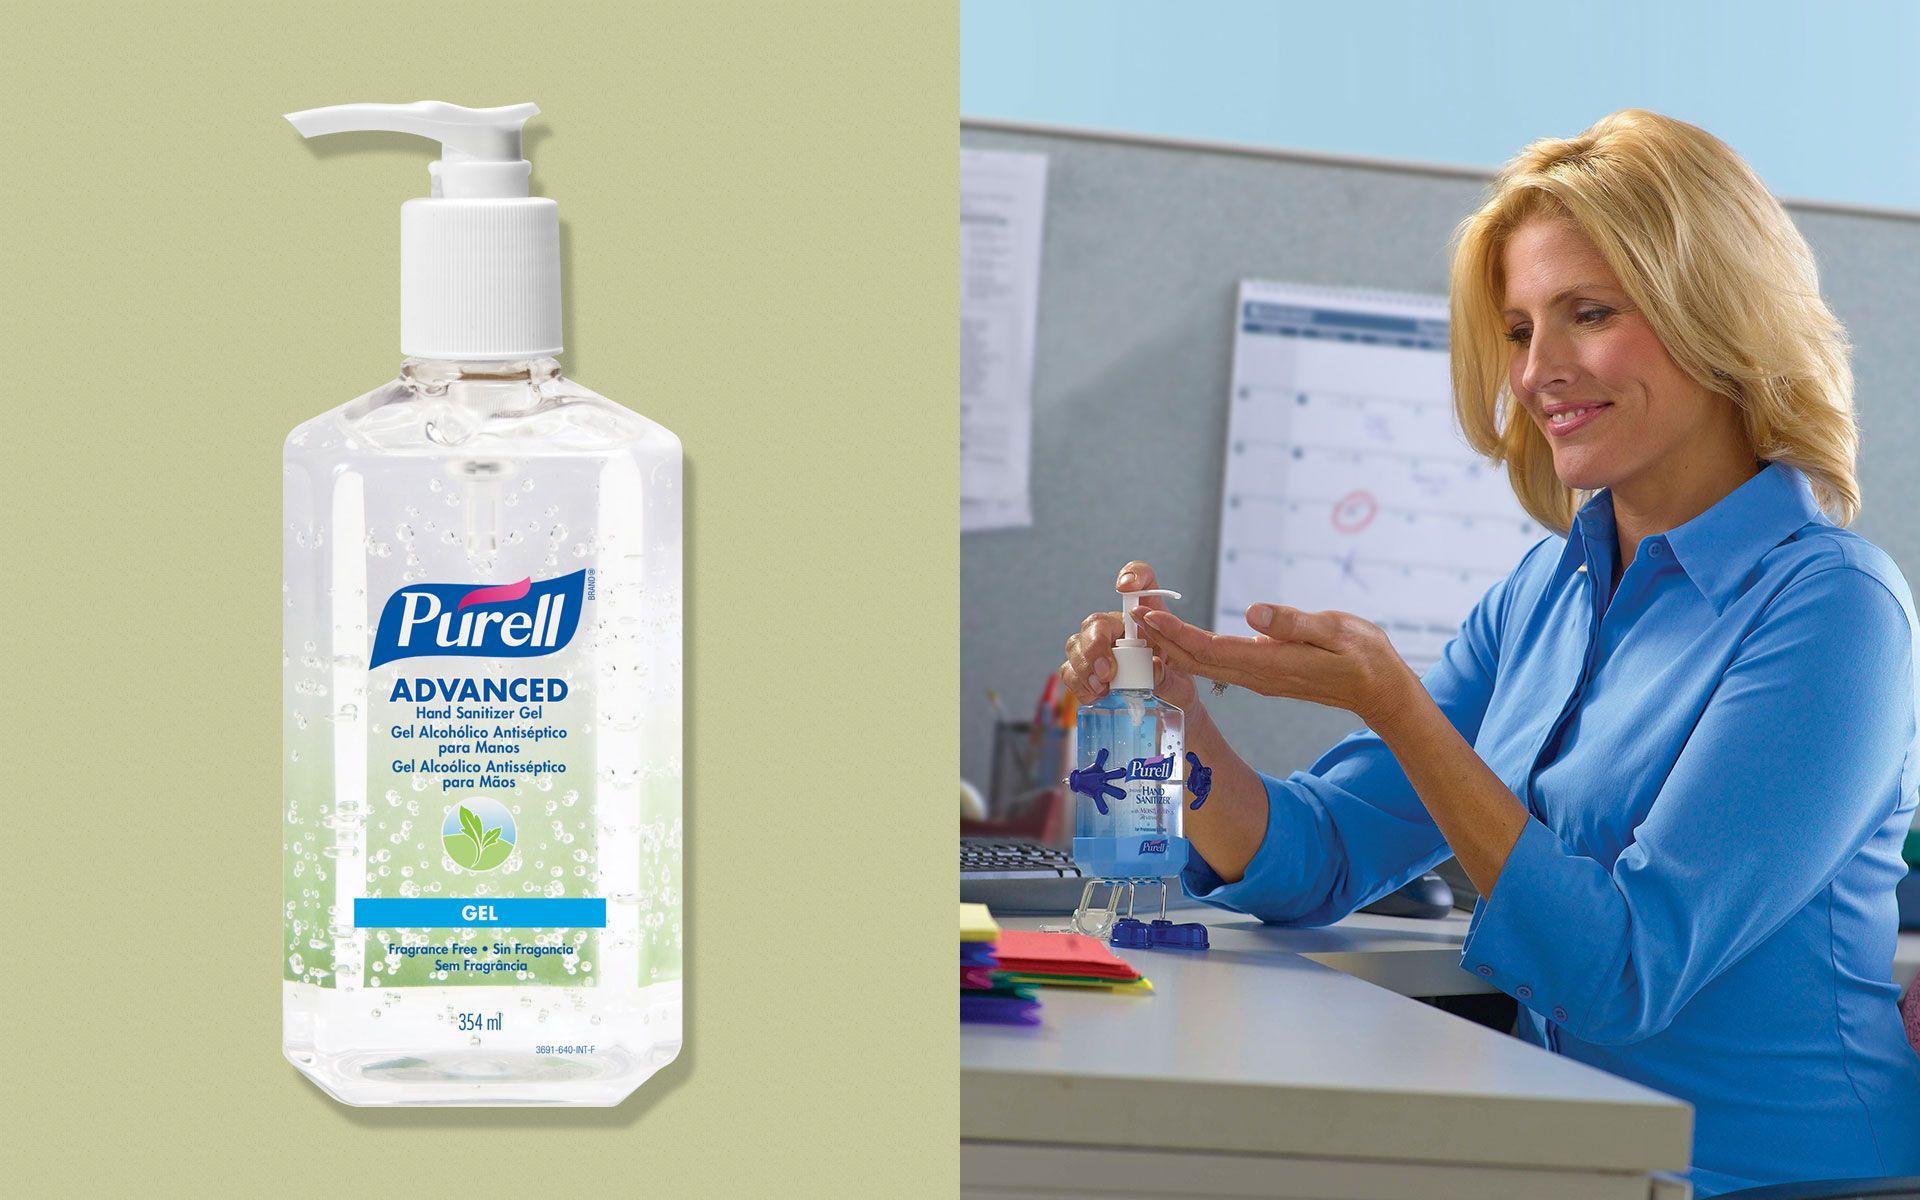 Álcool Gel PURELL para as mãos 354 ml - Validade 10/2023  - Limpo e Organizado